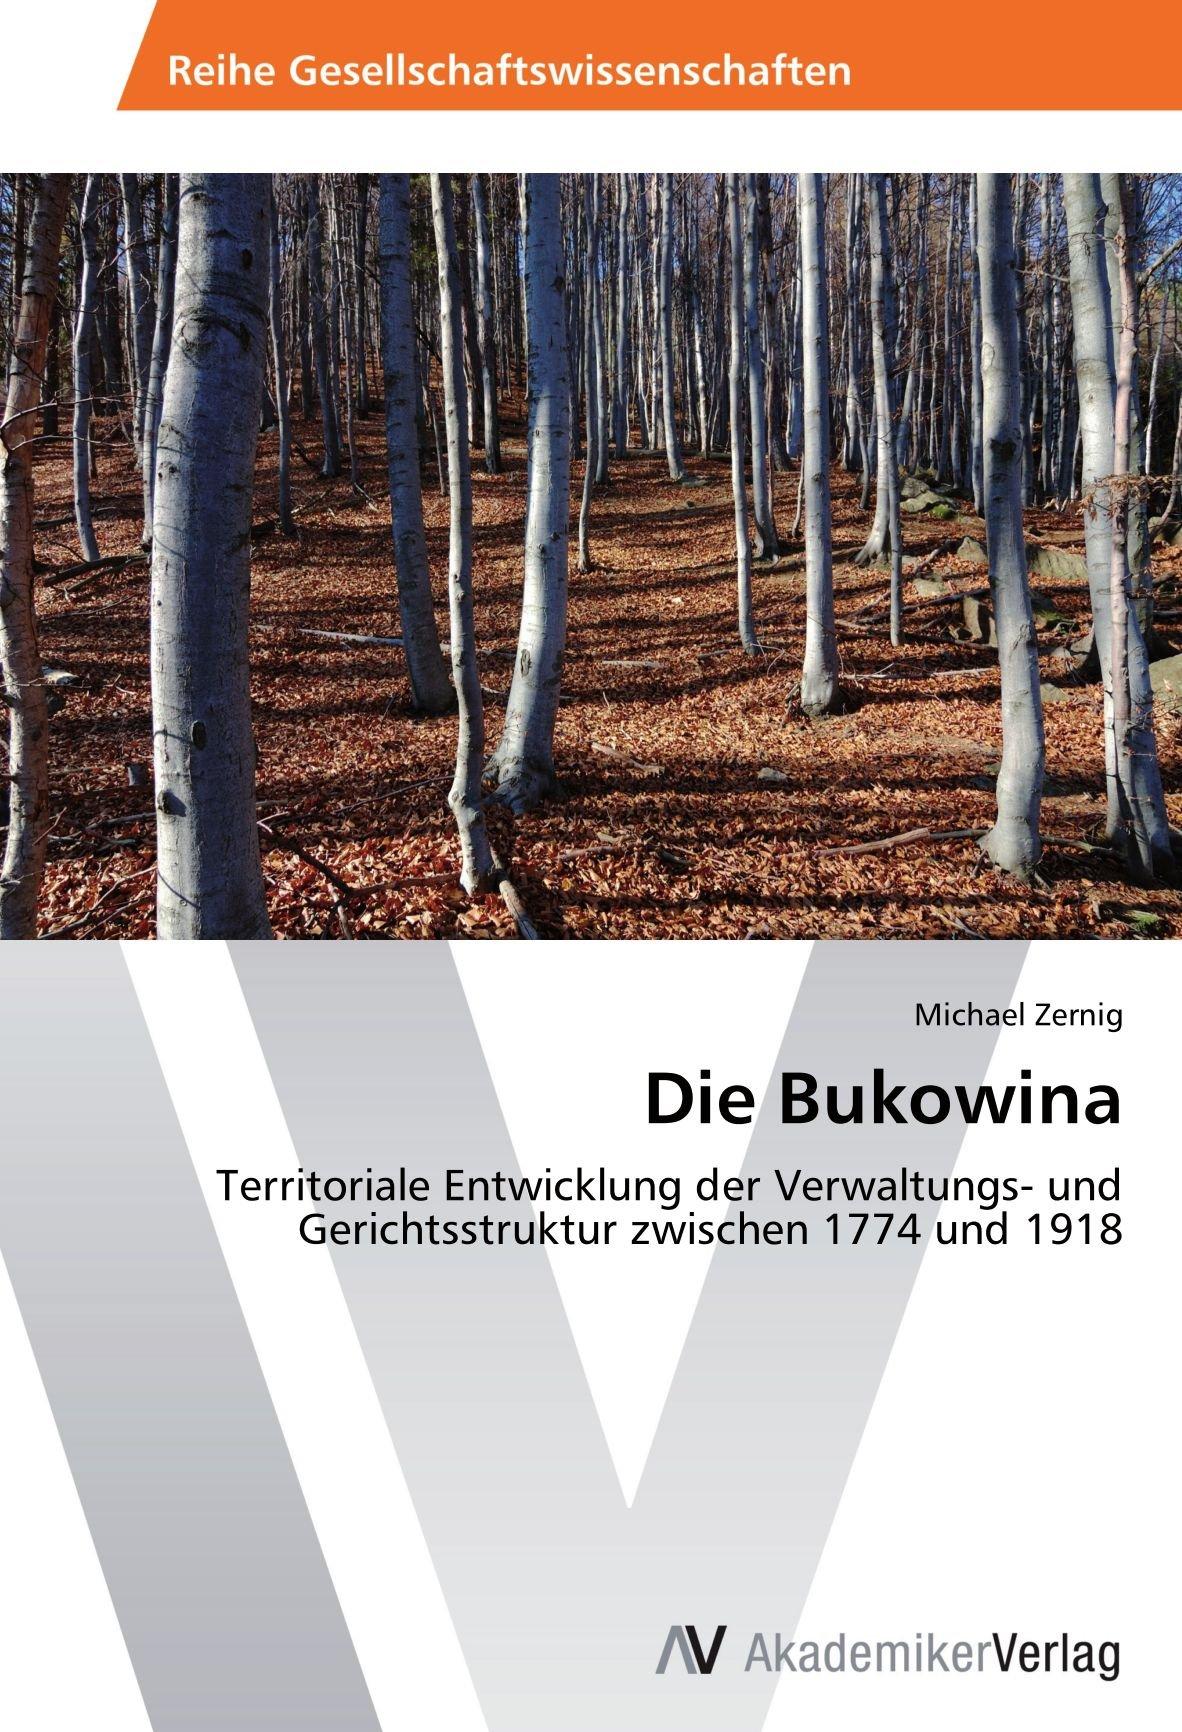 Download Die Bukowina: Territoriale Entwicklung der Verwaltungs- und Gerichtsstruktur zwischen 1774 und 1918 (German Edition) ebook